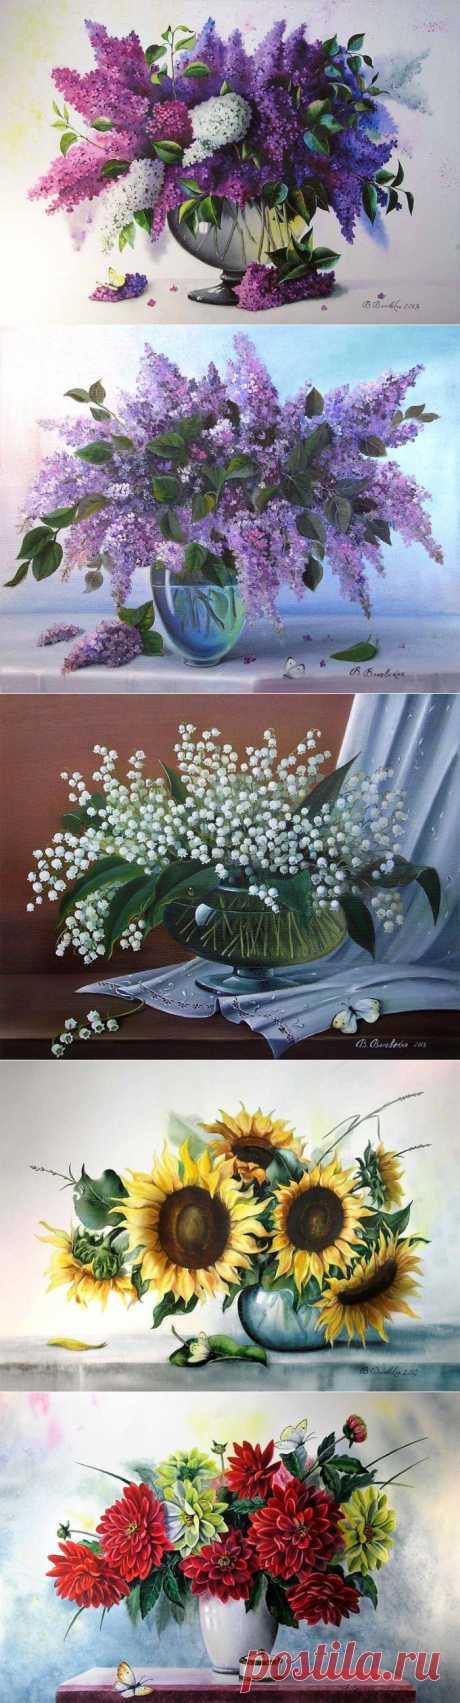 (+1) тема - Великолепные букеты цветов от украинской художницы Валентины Валевской | Искусство